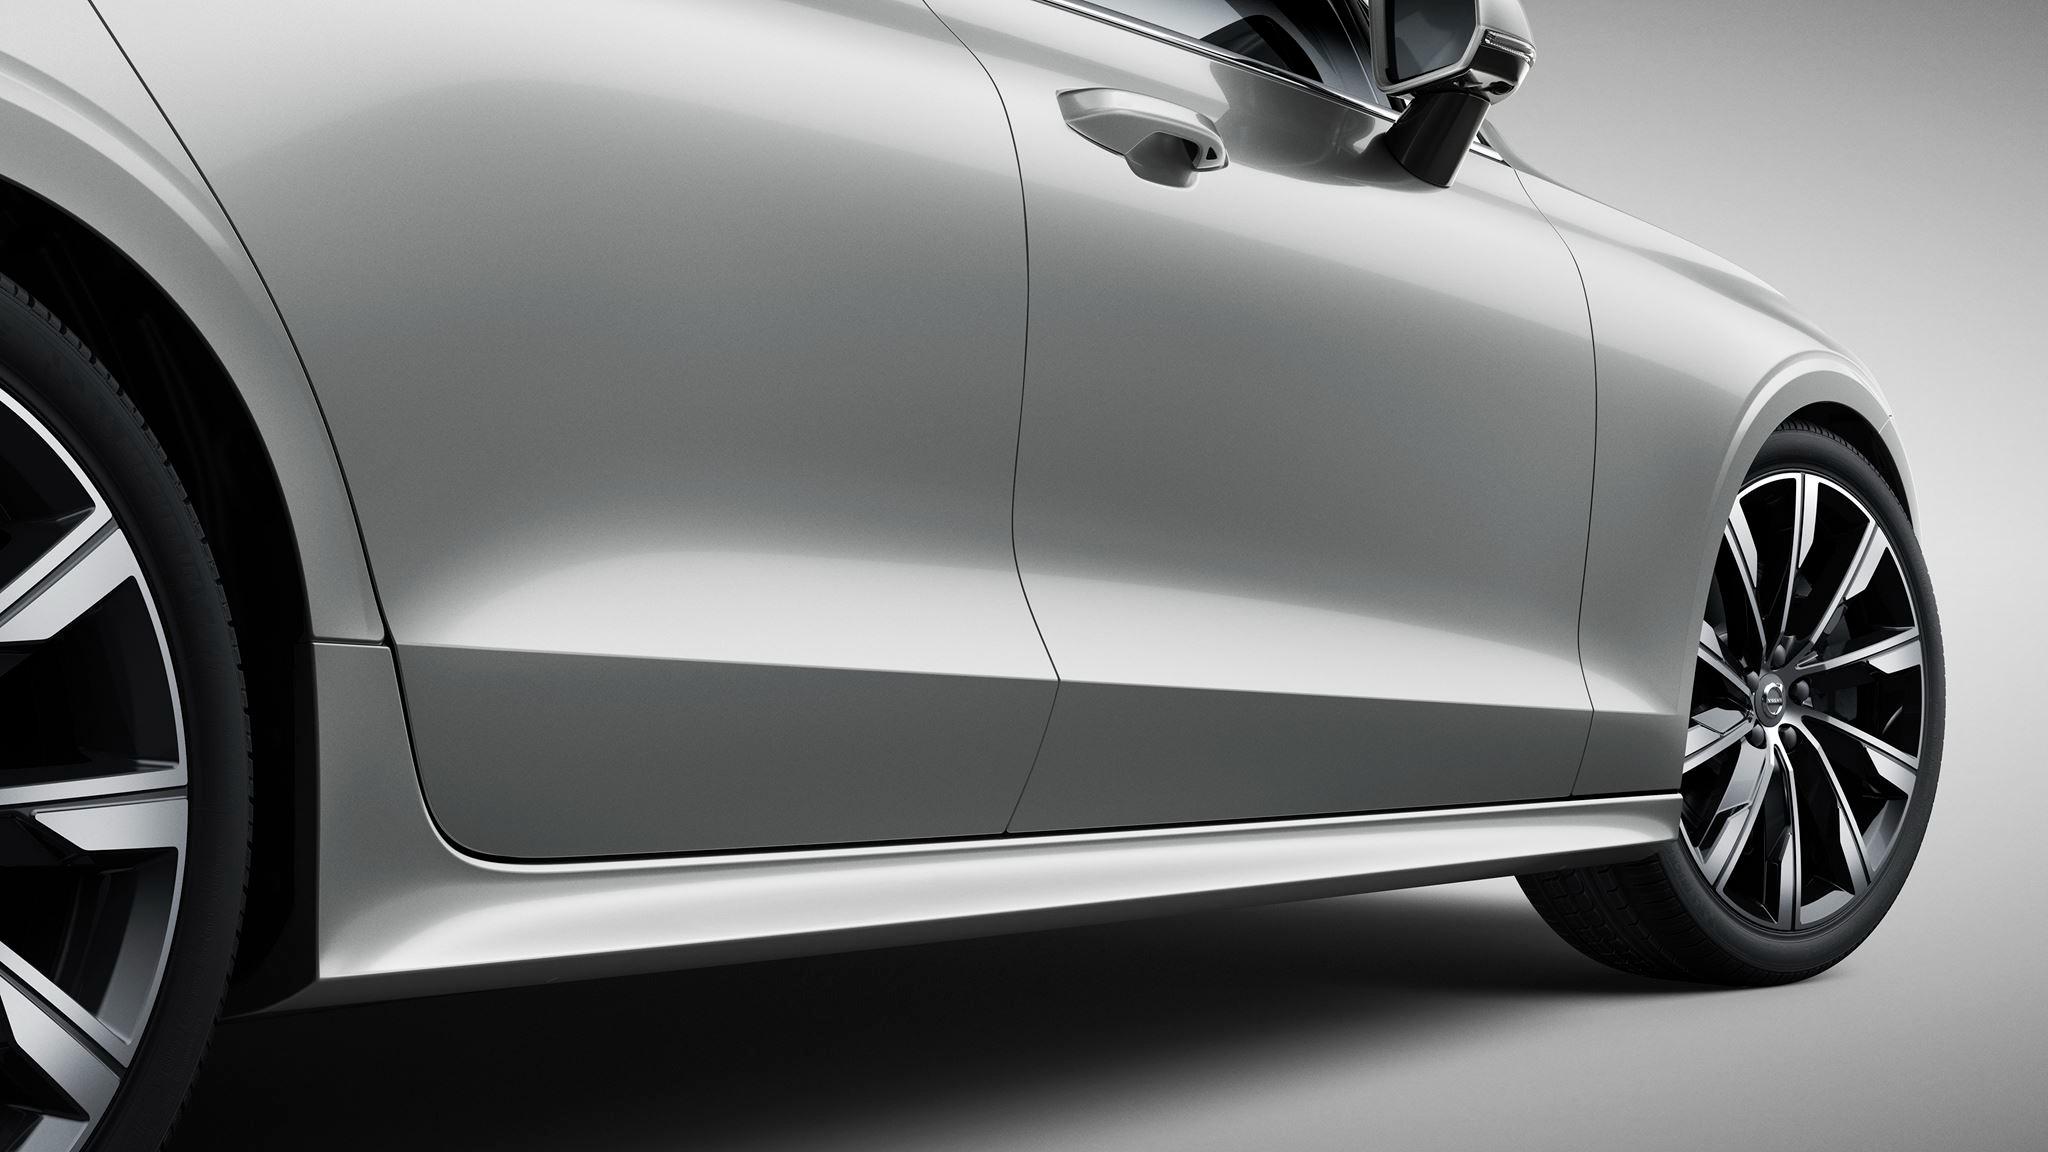 Chi tiết kích thước nội và ngoại thất Volvo S60 mới